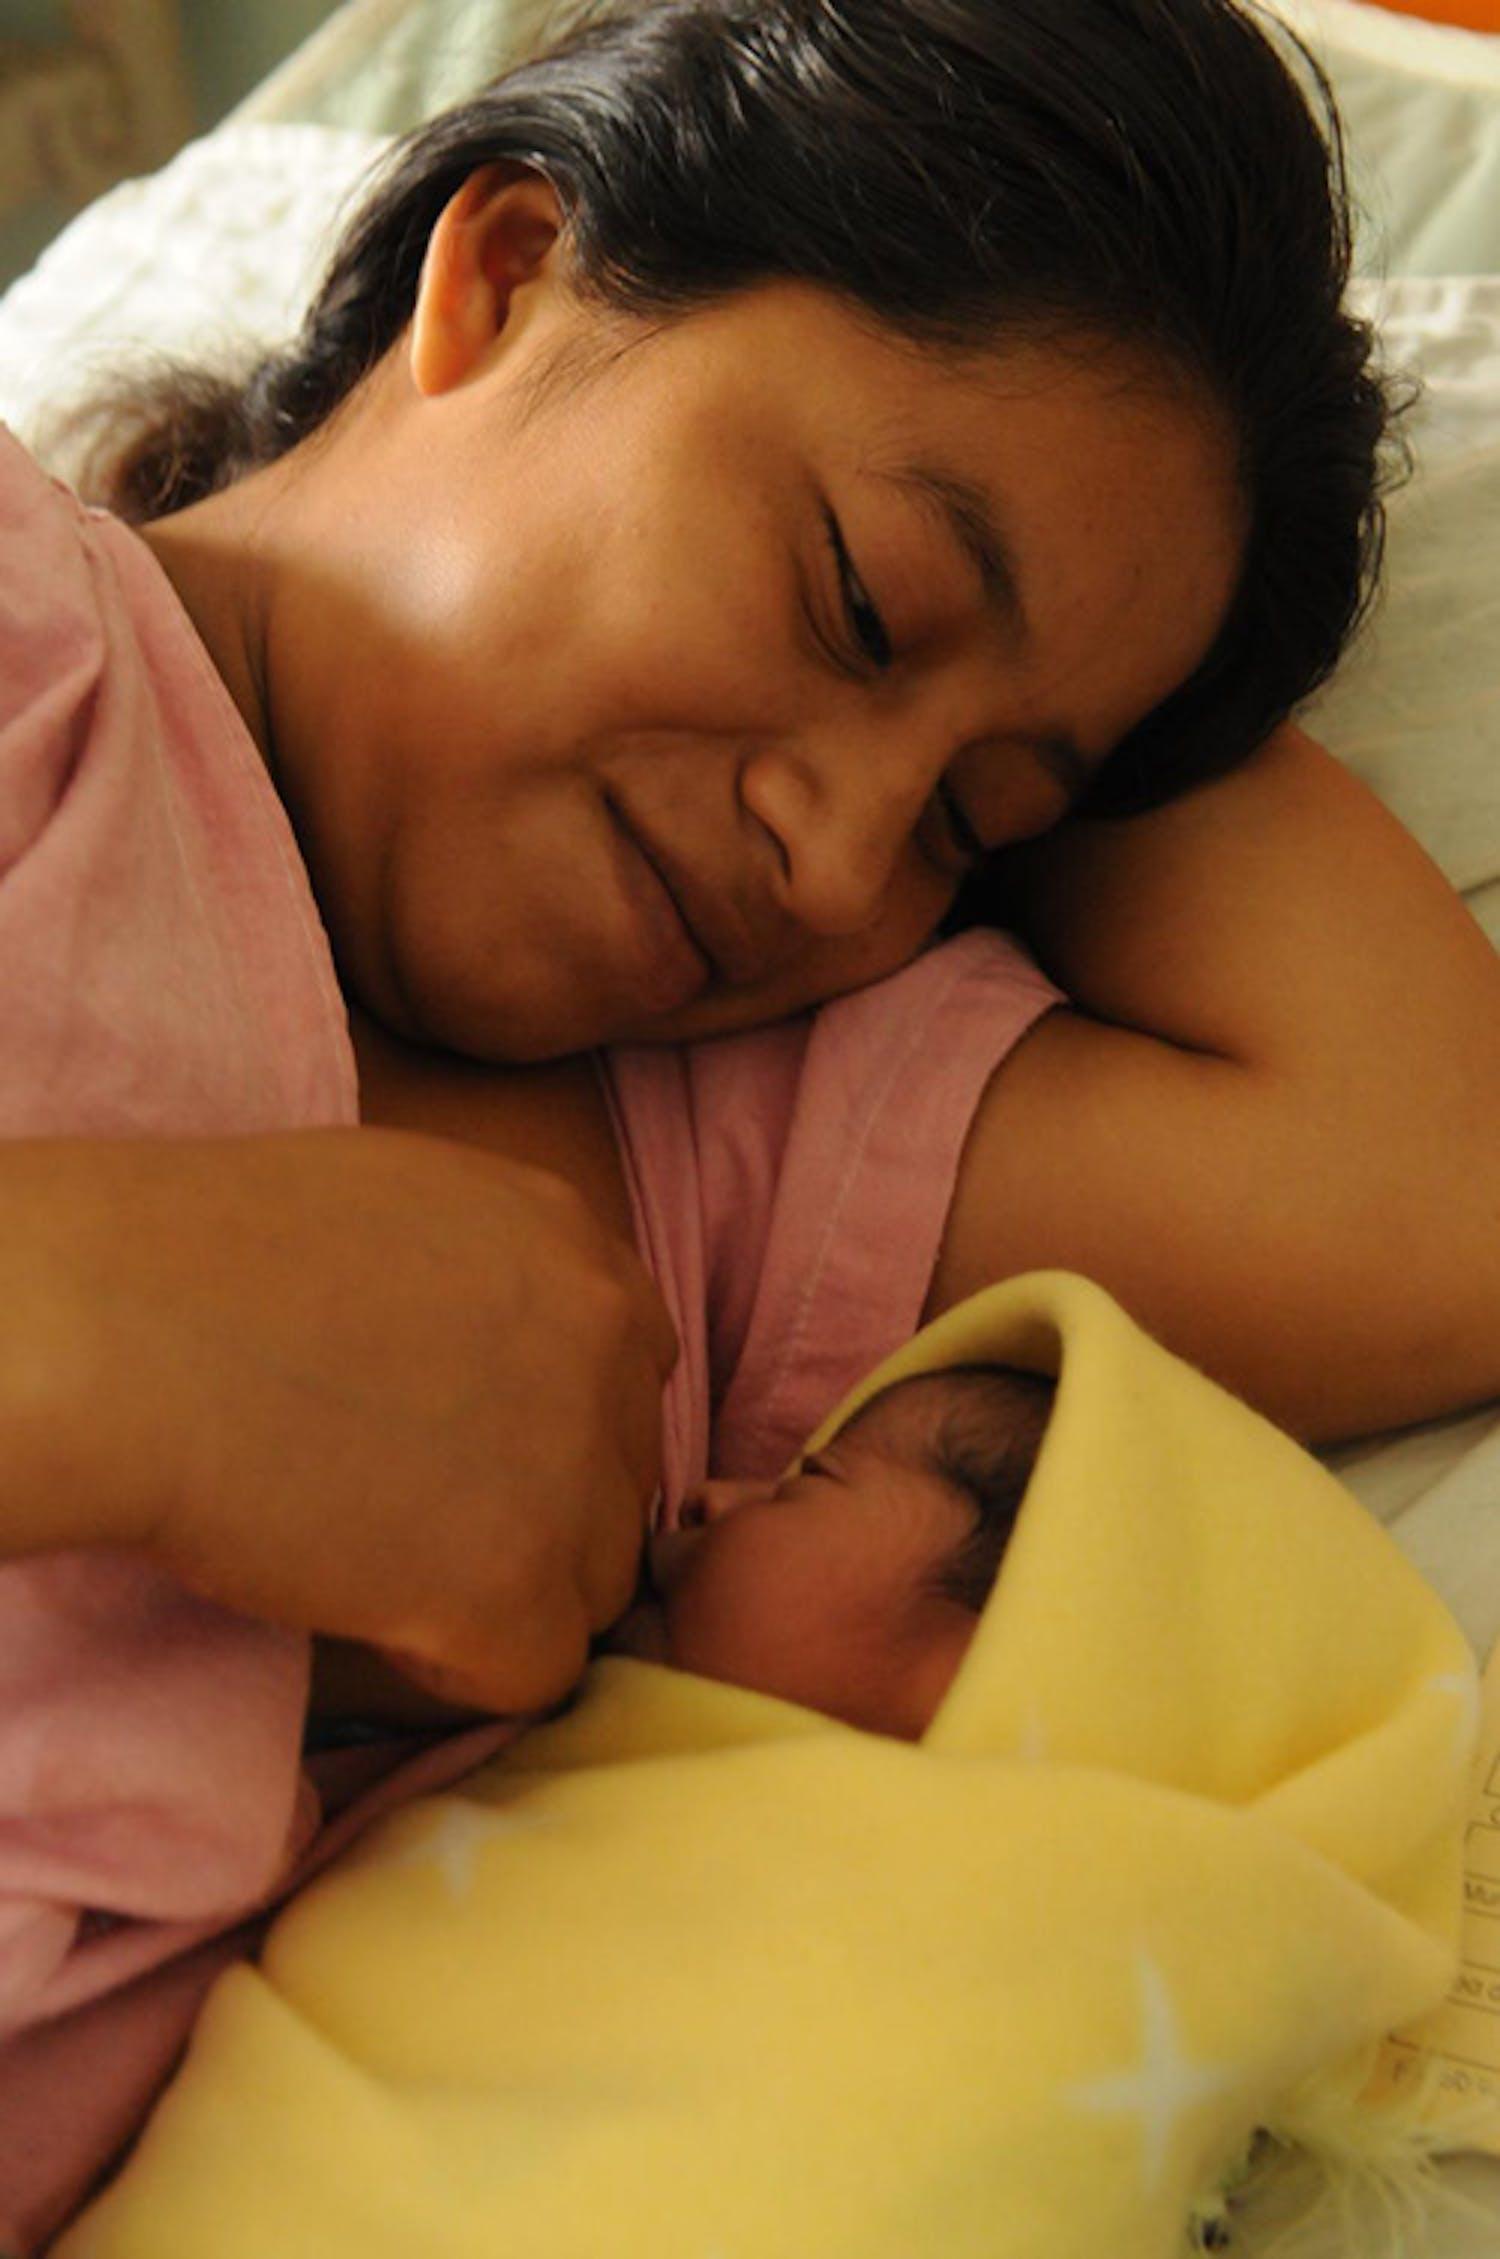 Una donna di etnia Maya allatta il suo bambino nell'ospedale di Coban (Guatemala) - ©UNICEF/NYHQ2012-2261/S.Markisz